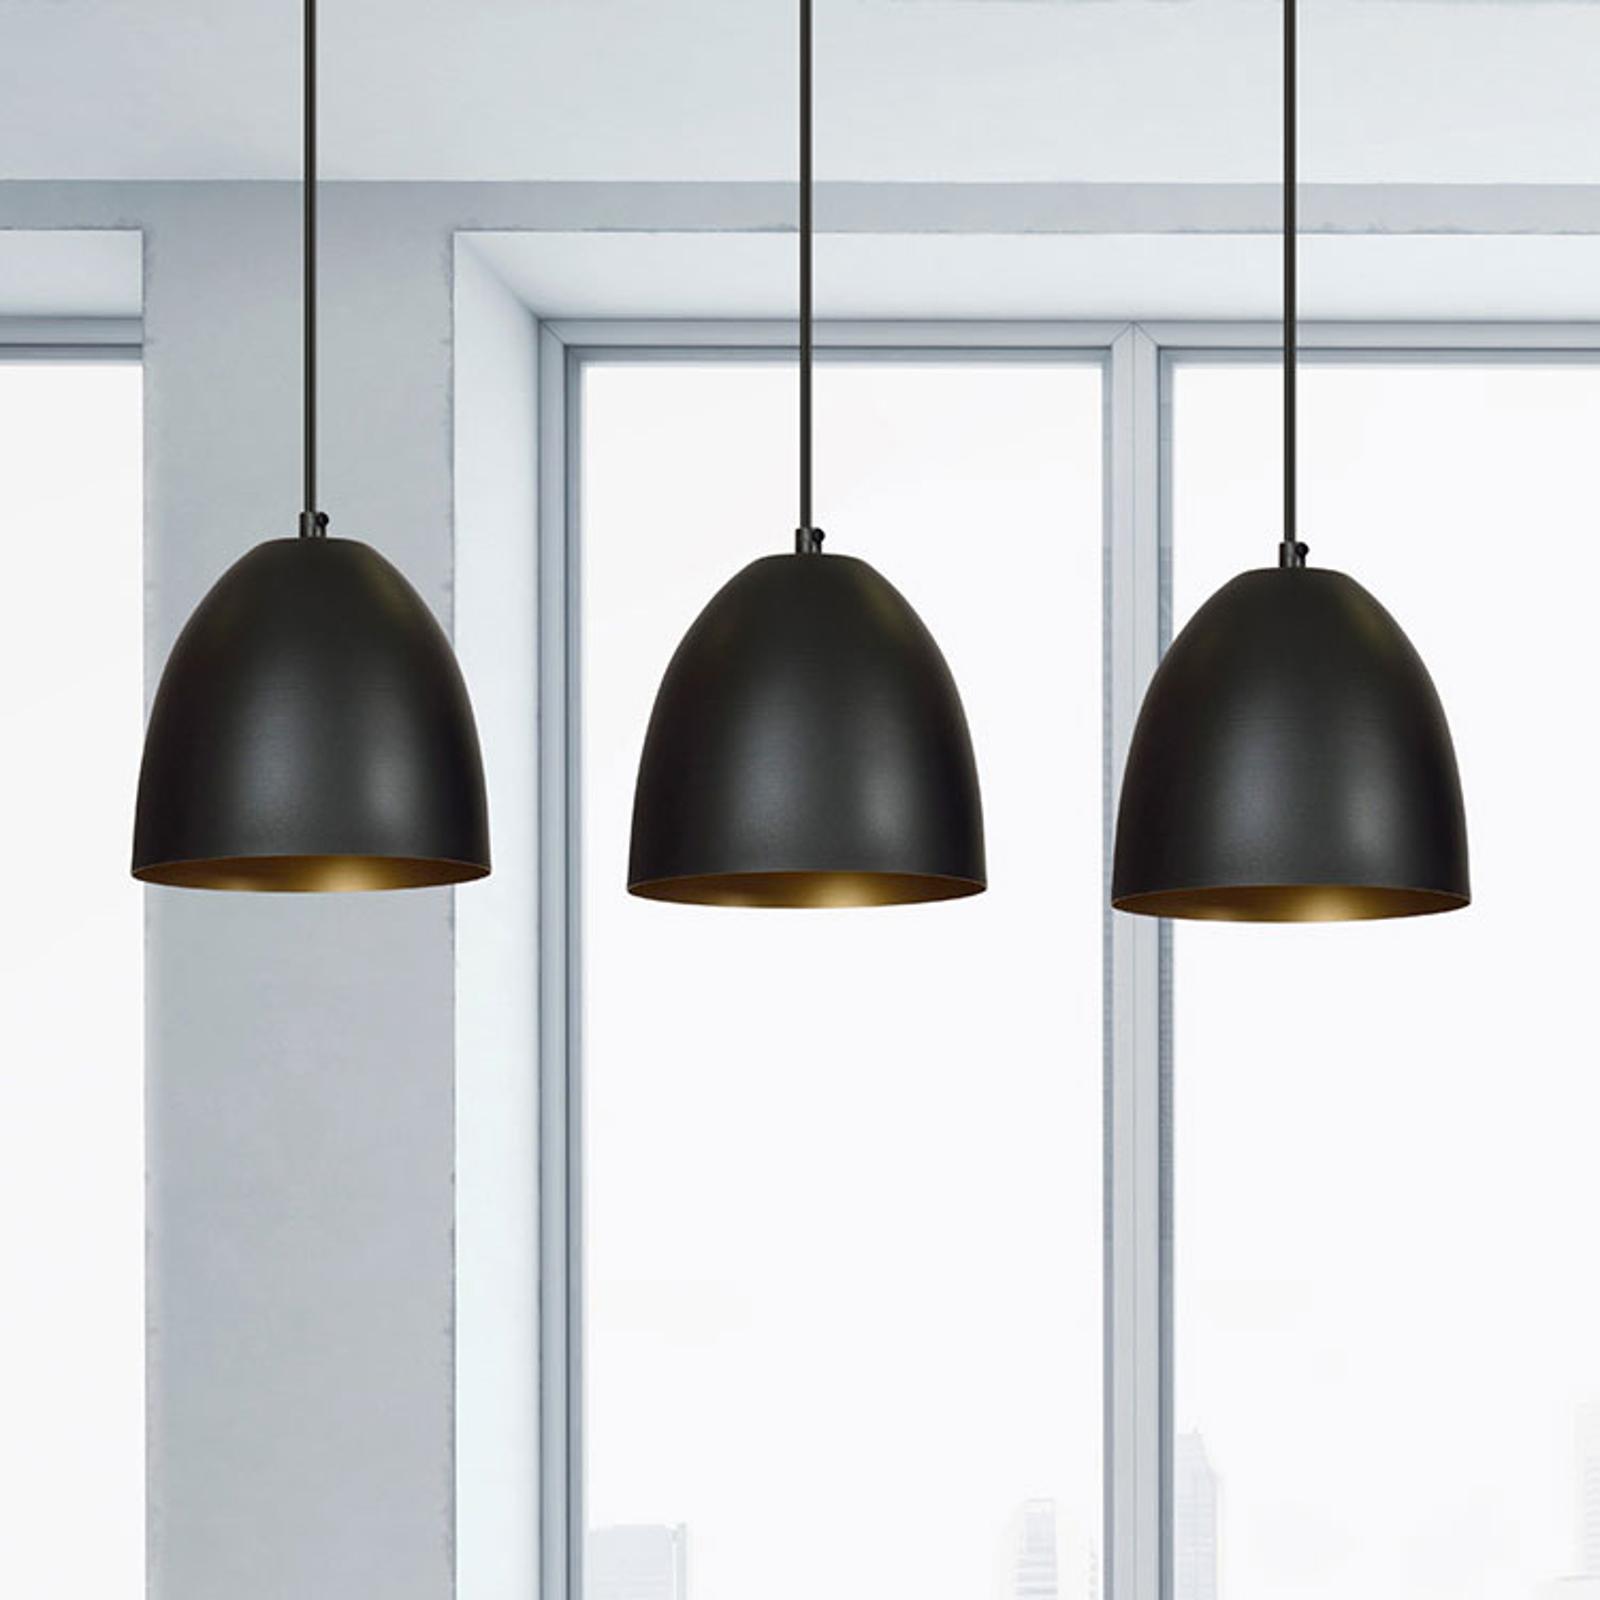 Suspension Lenox, à 3 lampes, noire/dorée